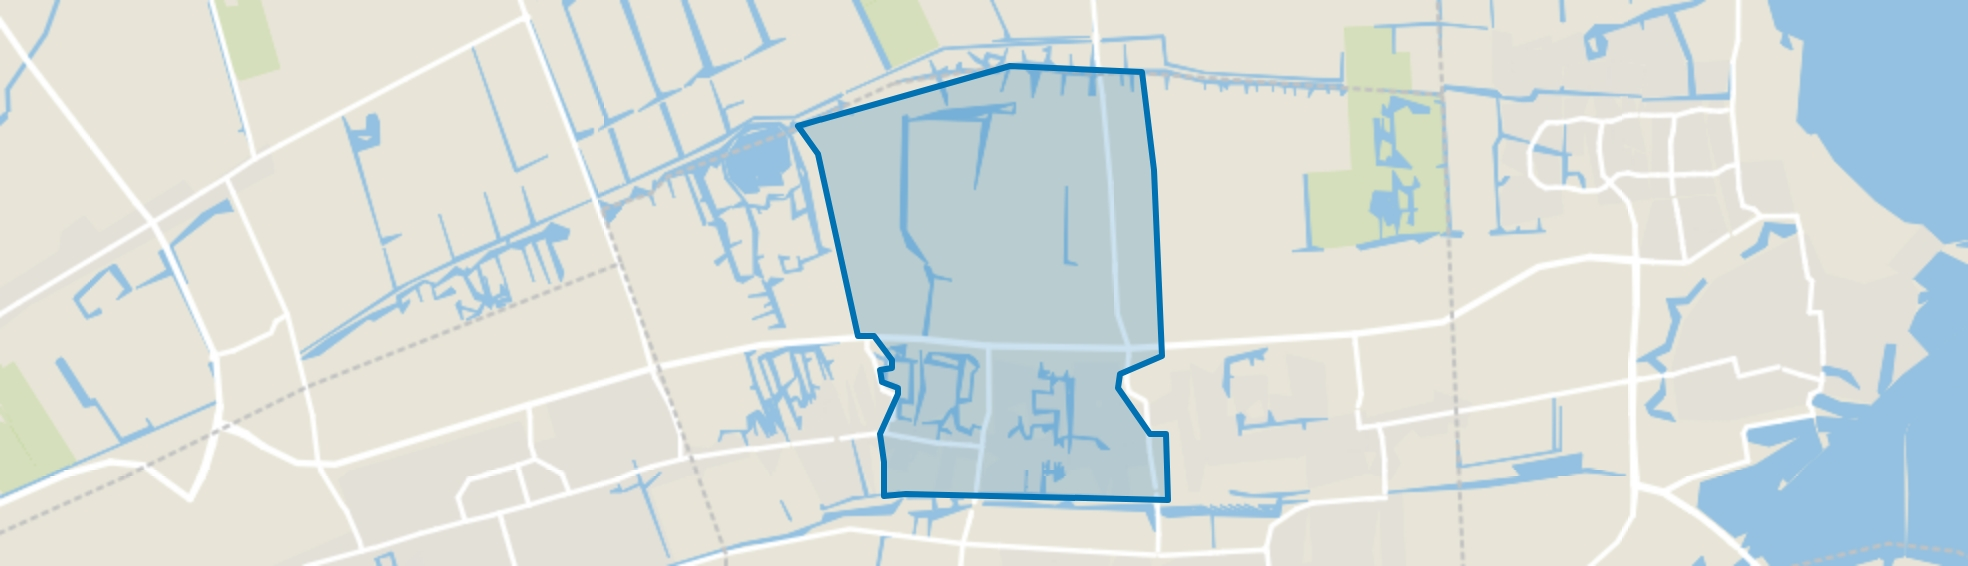 Centrum Grootebroek, Grootebroek map